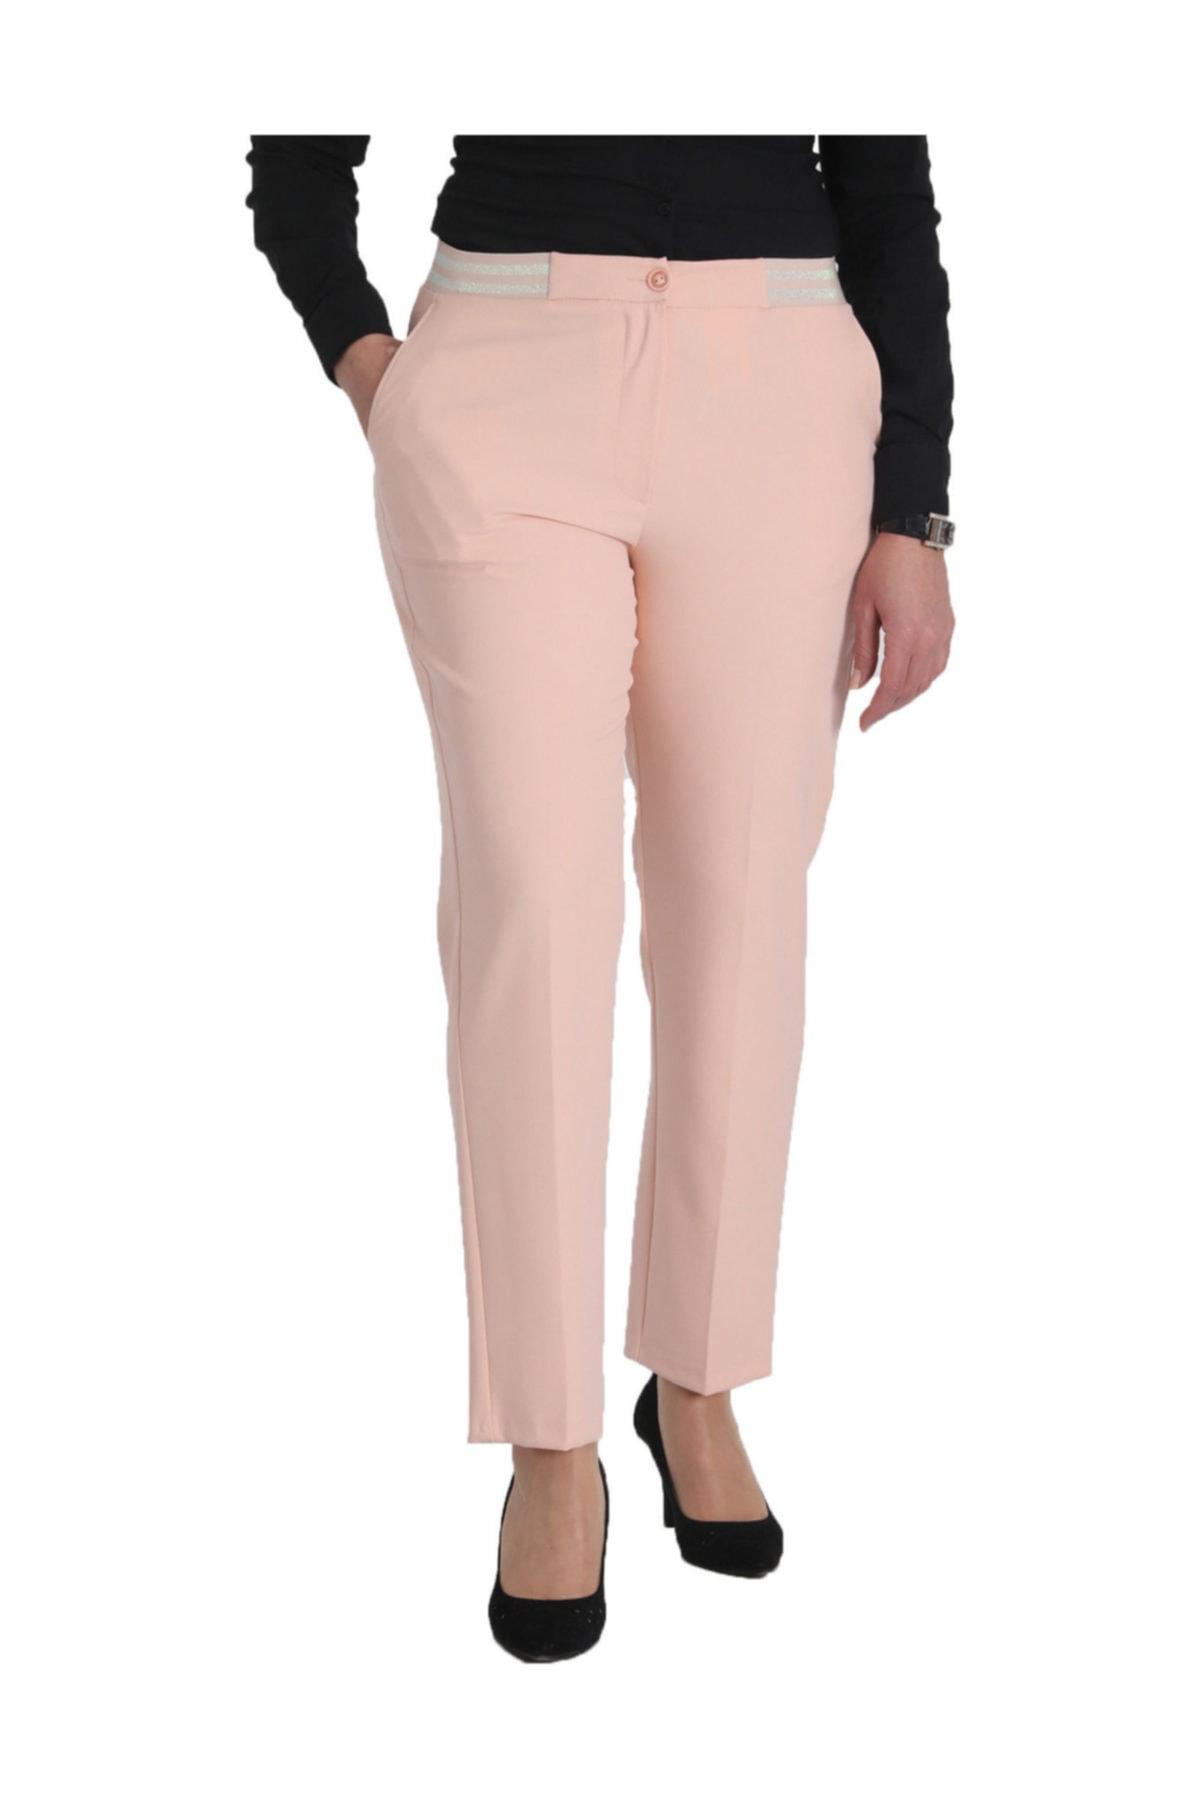 Günay Giyim Kadın Pudra Kumaş Normal Bel Düz Paça Pantolon Nvr2151 2